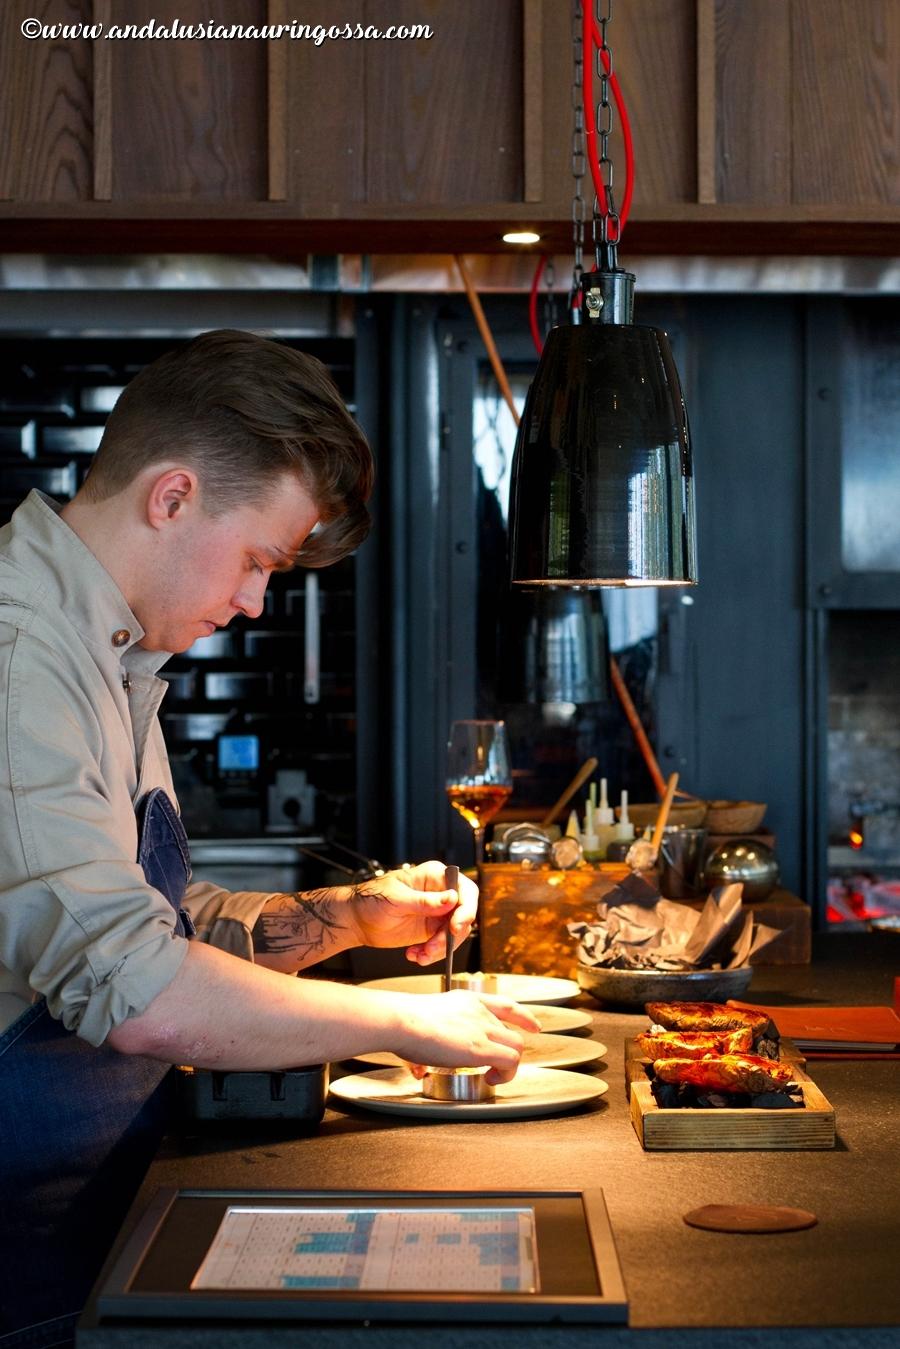 Noa_Tallinna_Tallinnan parhaat ravintolat_Andalusian auringossa_ruokablogi_matkablogi_13